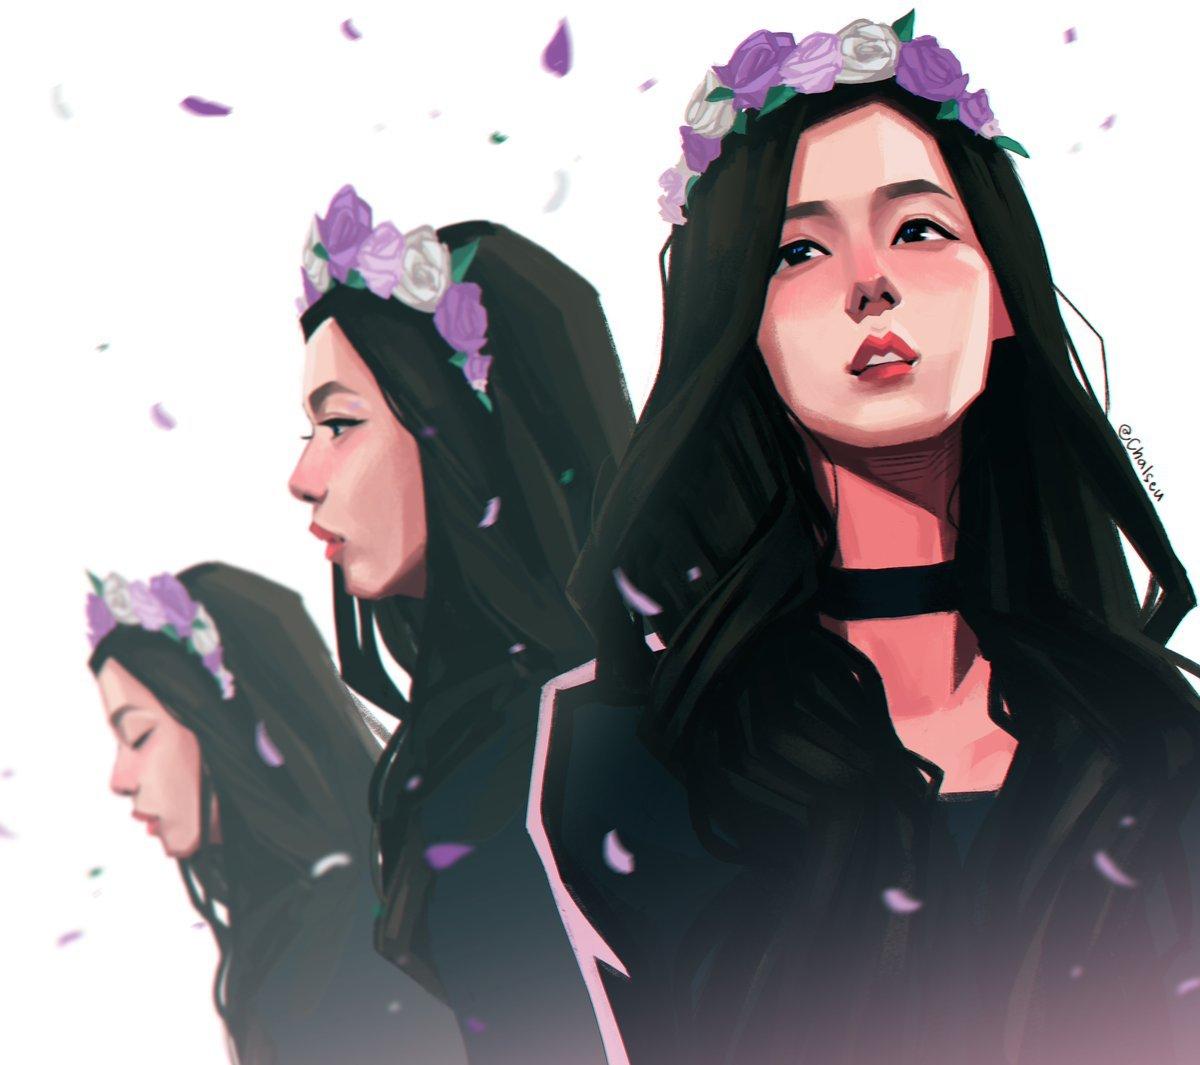 Wallpaper Girl Band Korea Kpopers Ini Membuat Fanart Idol Layaknya Tokoh Komik